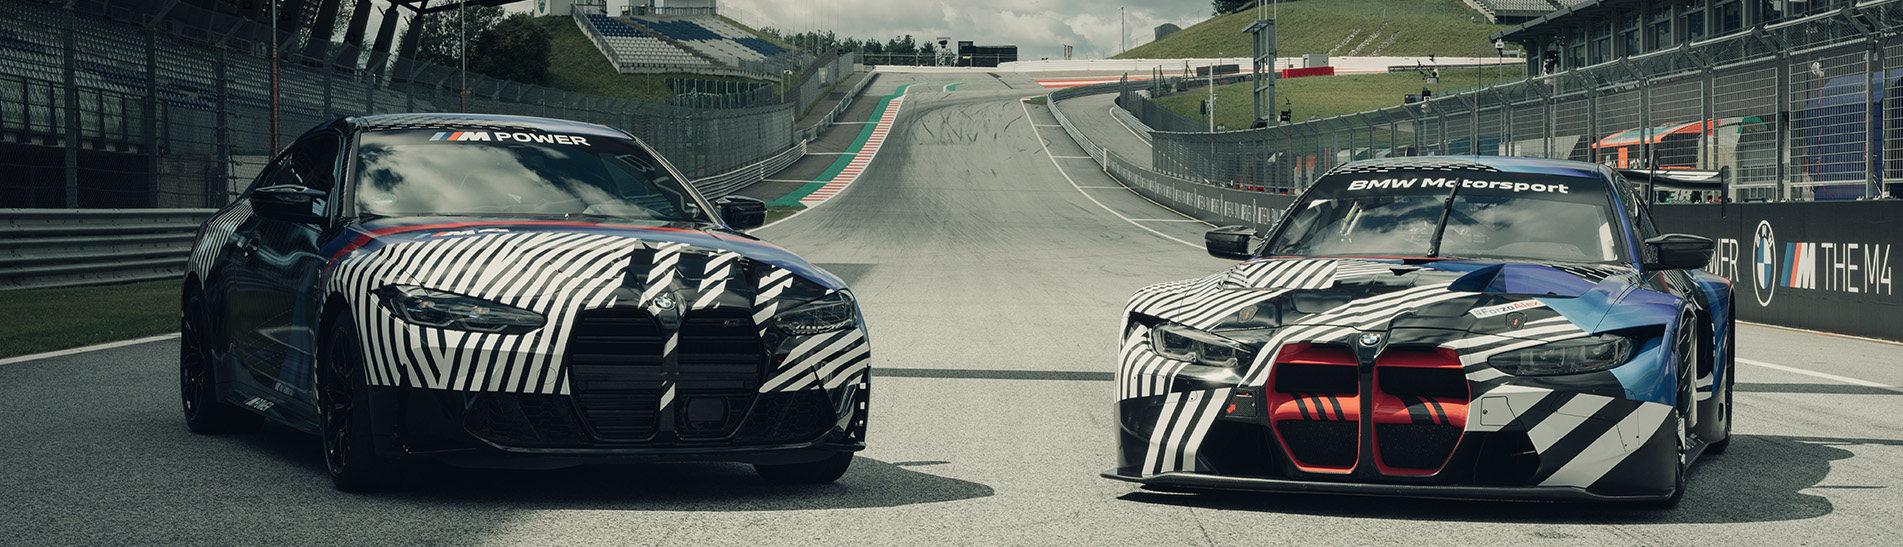 """KW automotive entwickelt und fertigt exklusiv für BMW Motorsport und BMW """"M Performance Parts"""" Fahrwerkkomponenten"""